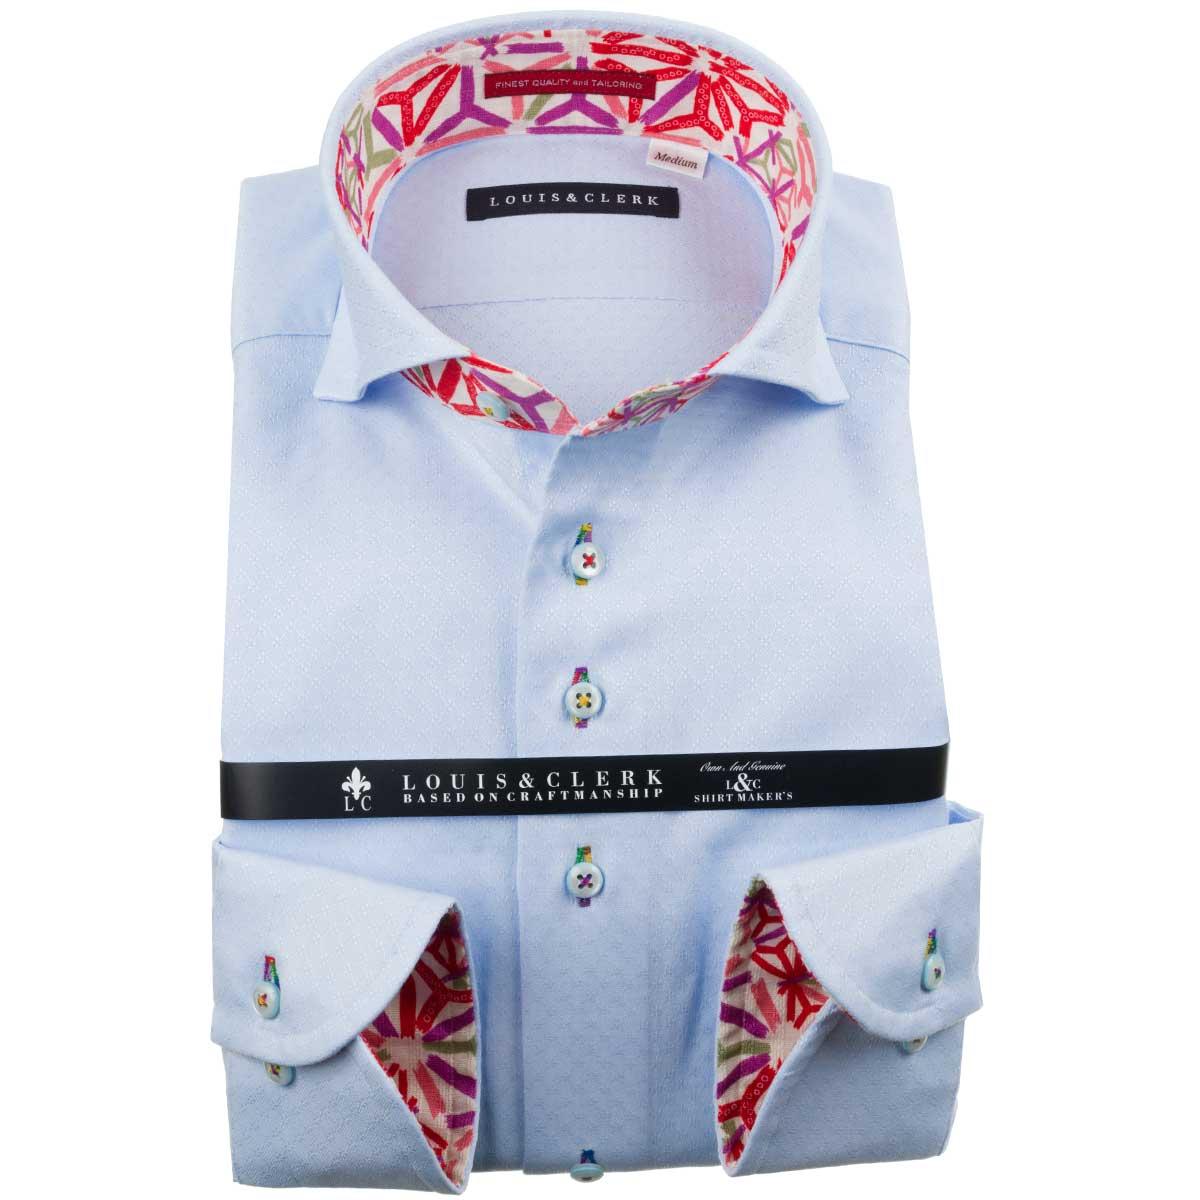 ドレスシャツ ワイシャツ シャツ メンズ 国産 長袖 純綿100% コンフォート カッタウェイワイド スカイブルー ジャガードデザインダイアチェック 1910 fs3gm